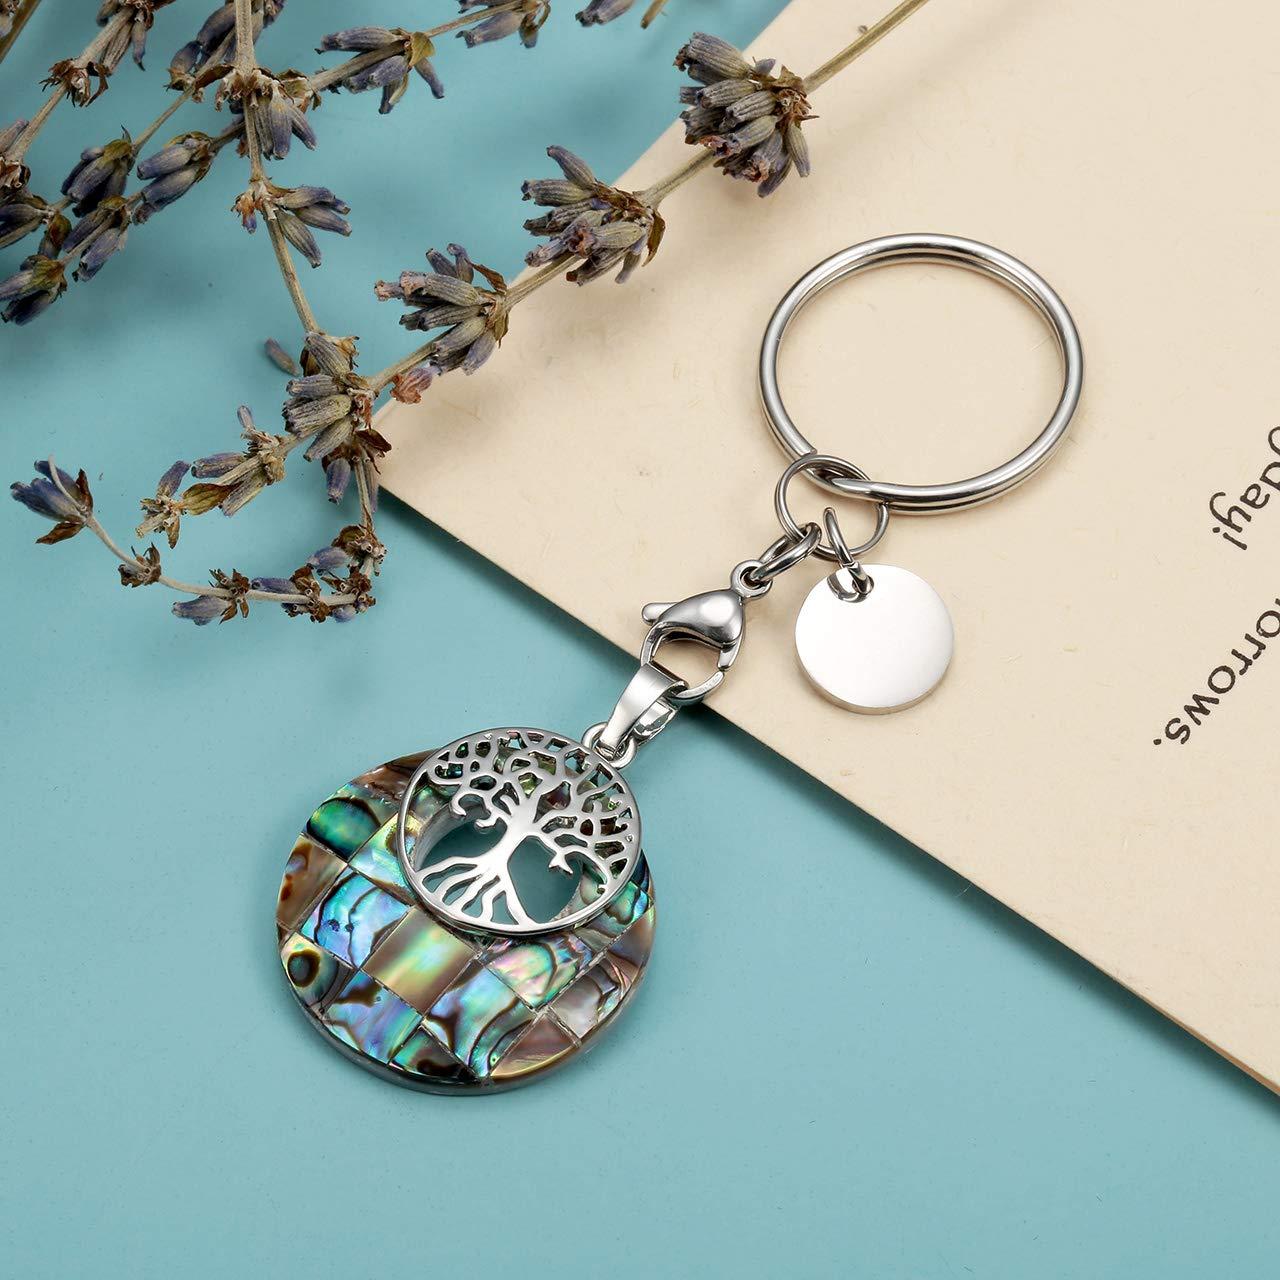 Amazon.com: CrystalTears - Llavero de plata con árbol de la ...